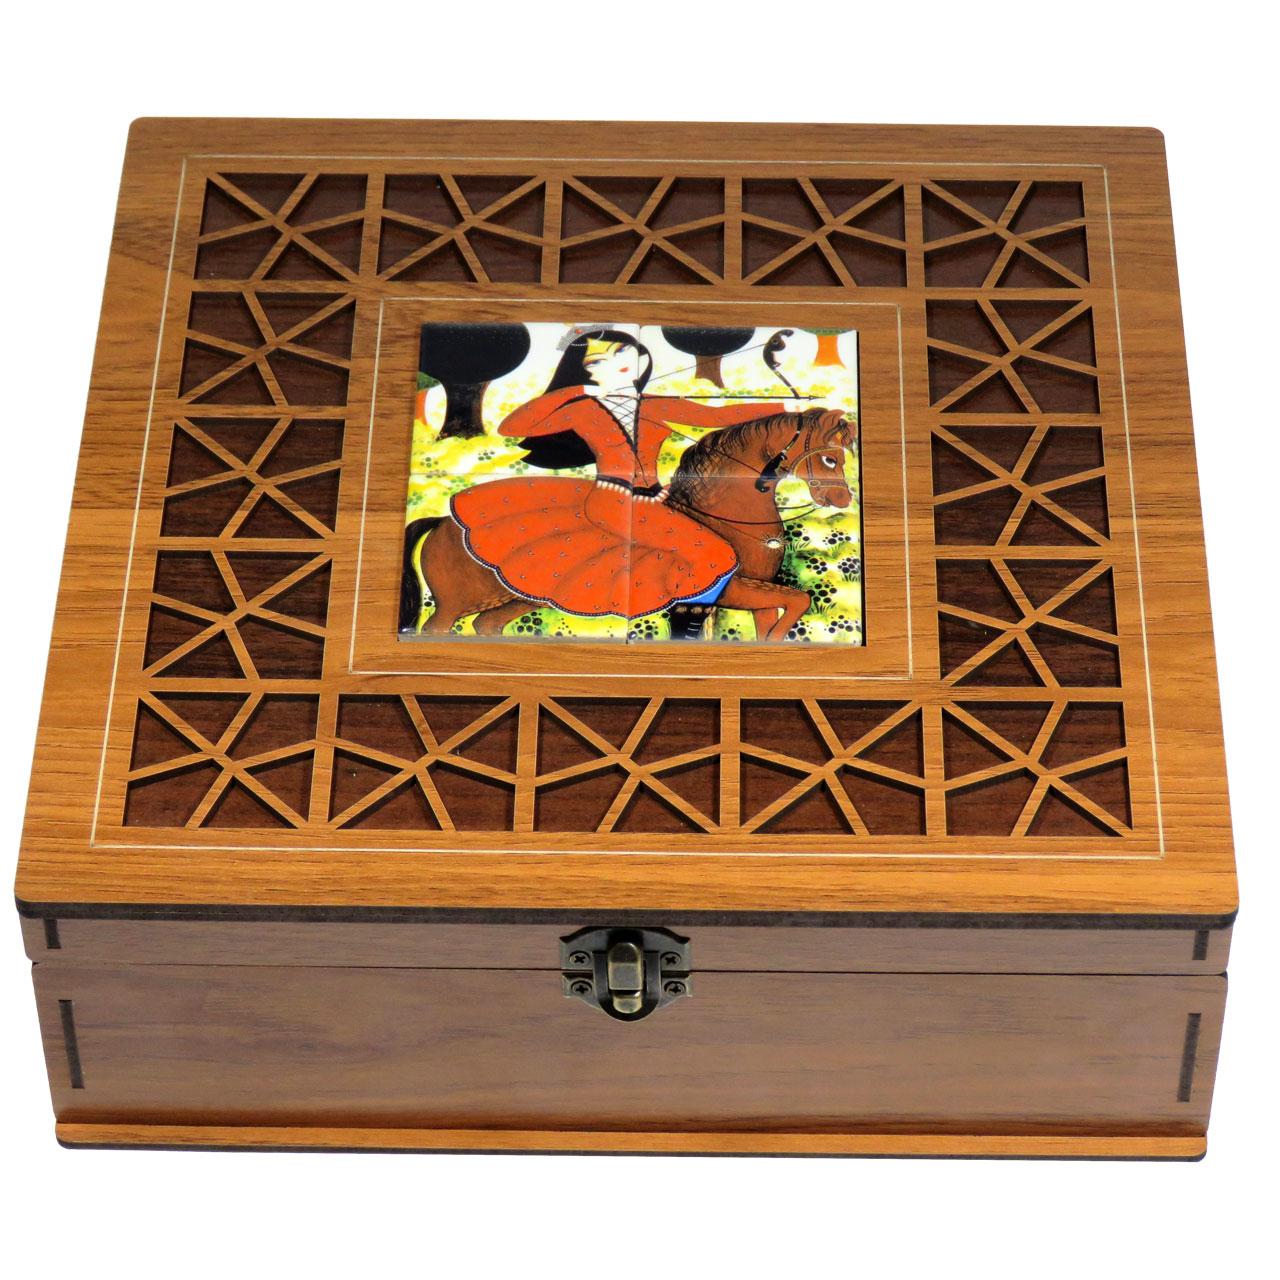 جعبه چای کیسه ای لوکس باکس طرح خاتون کد LB2109